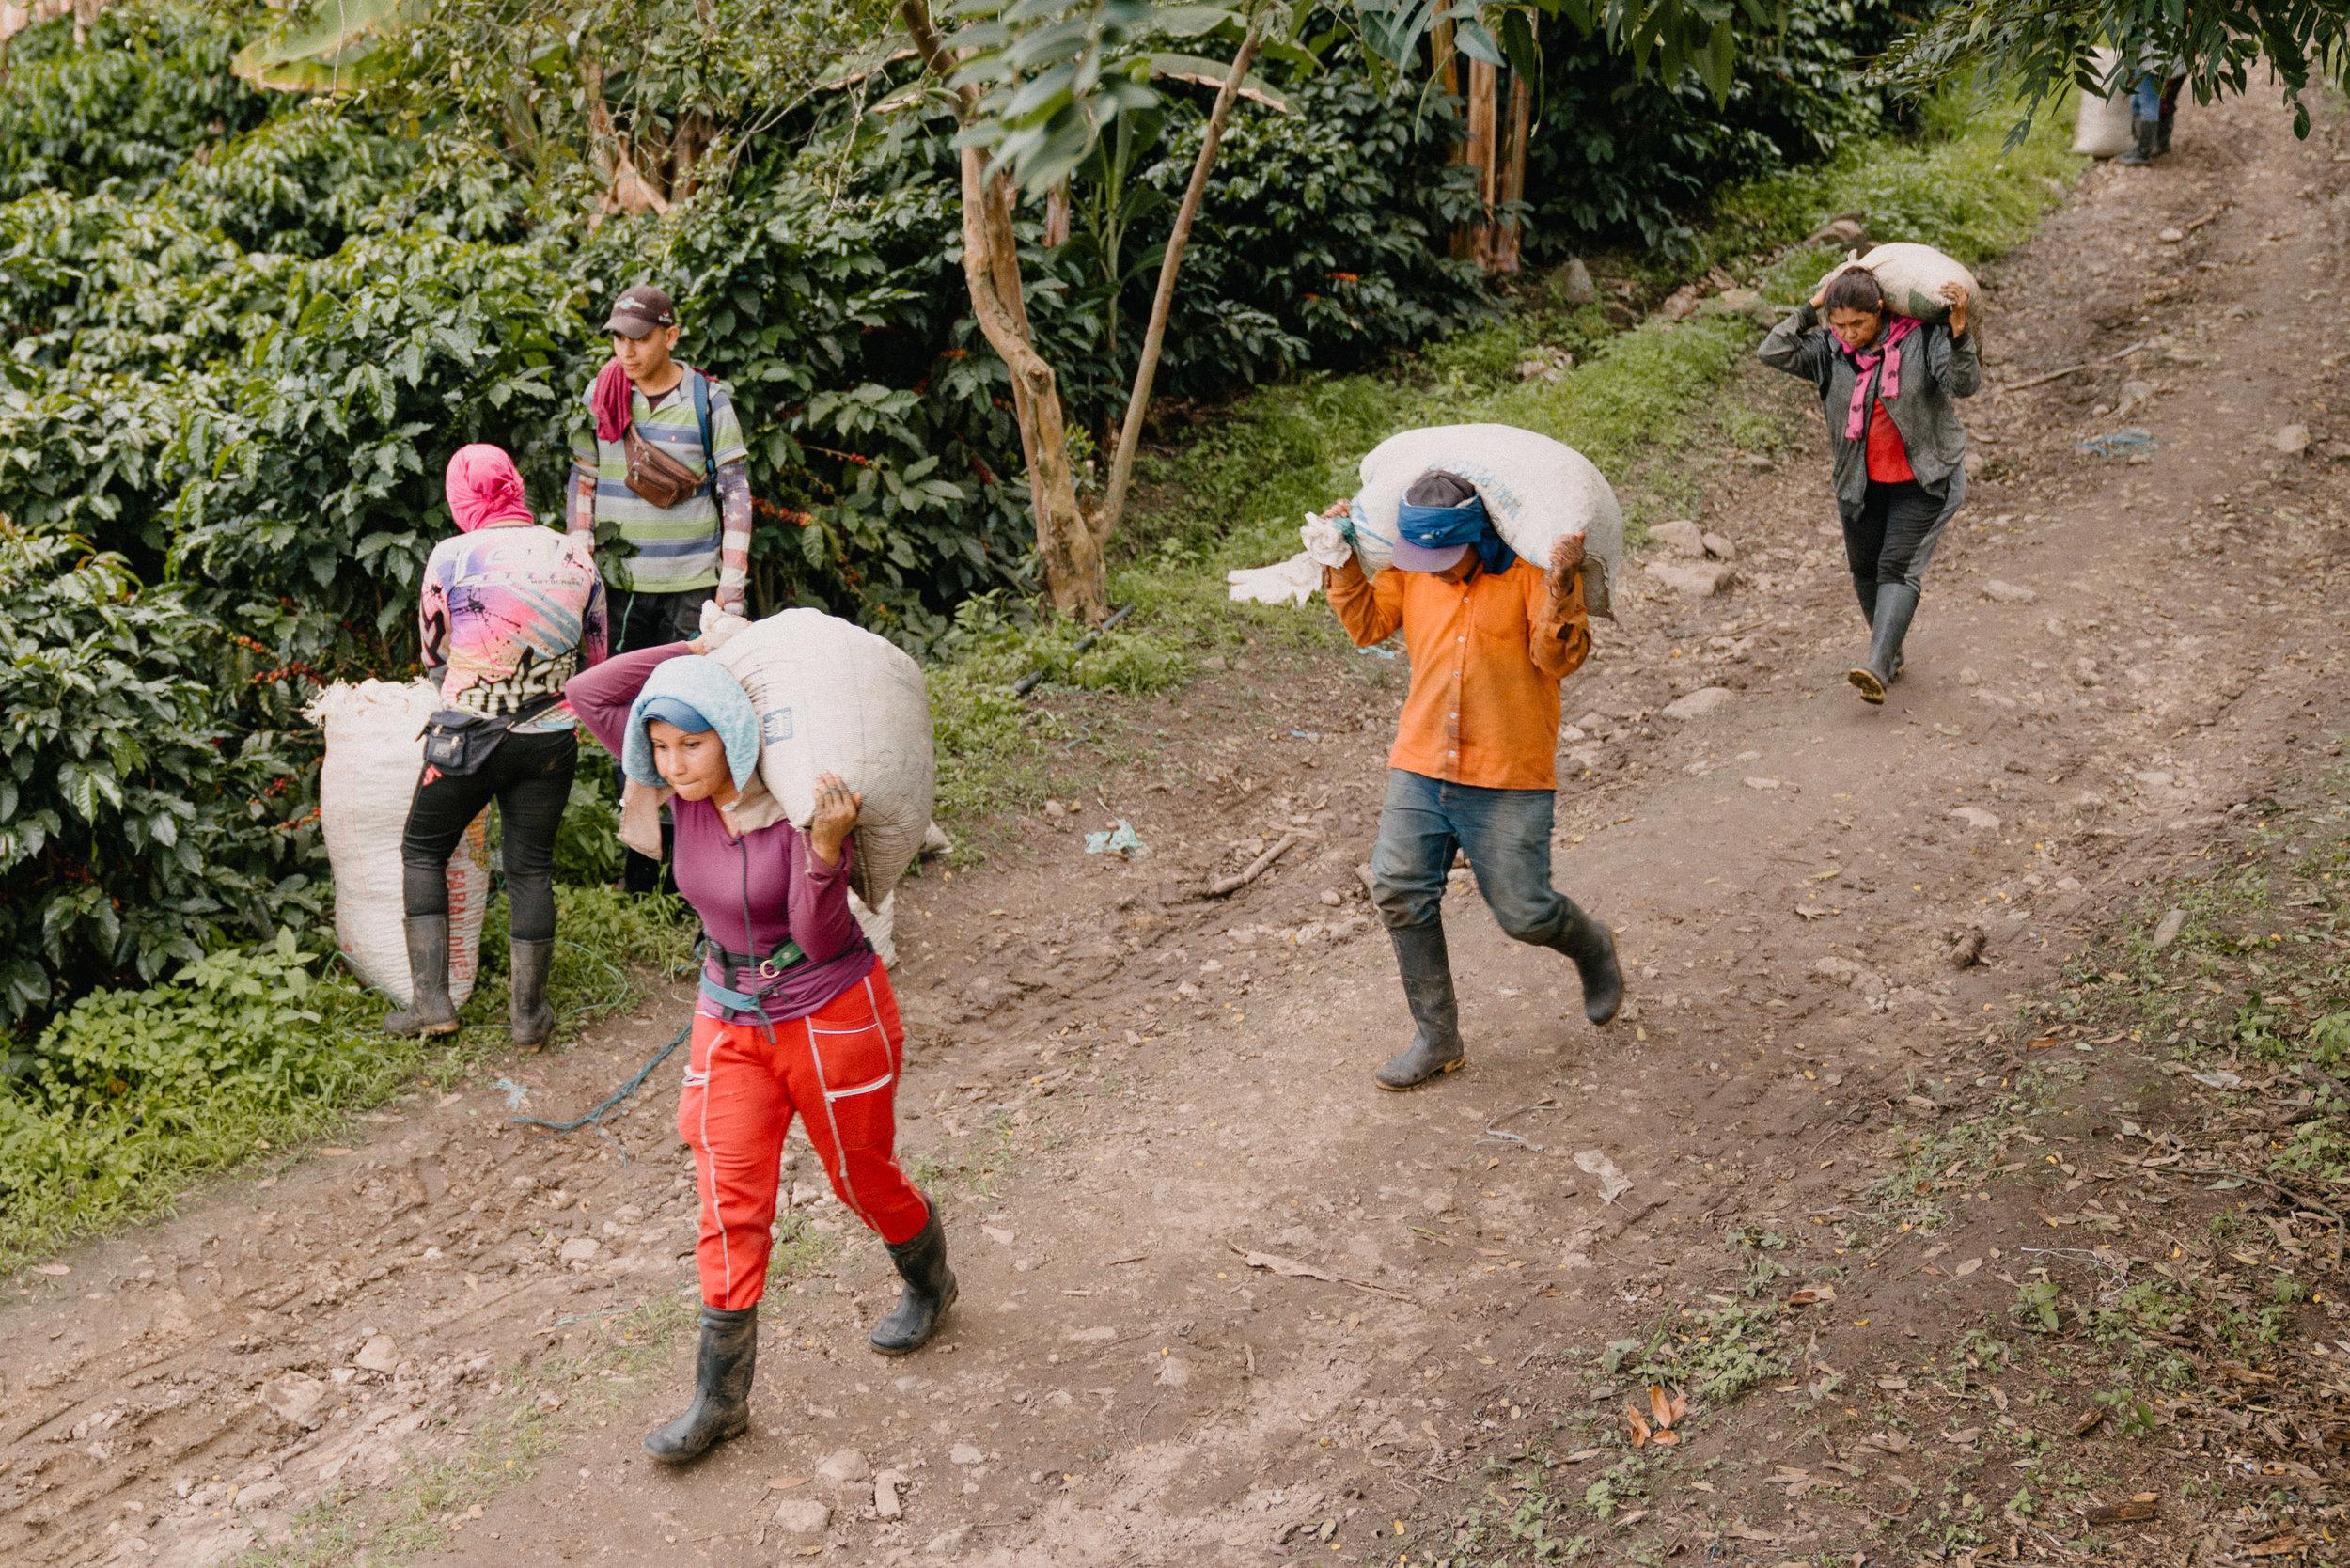 Emanuel-Hahn-Colombia-Coffee-Farmers-Huila-Manizales-Pagpropina-20.jpg